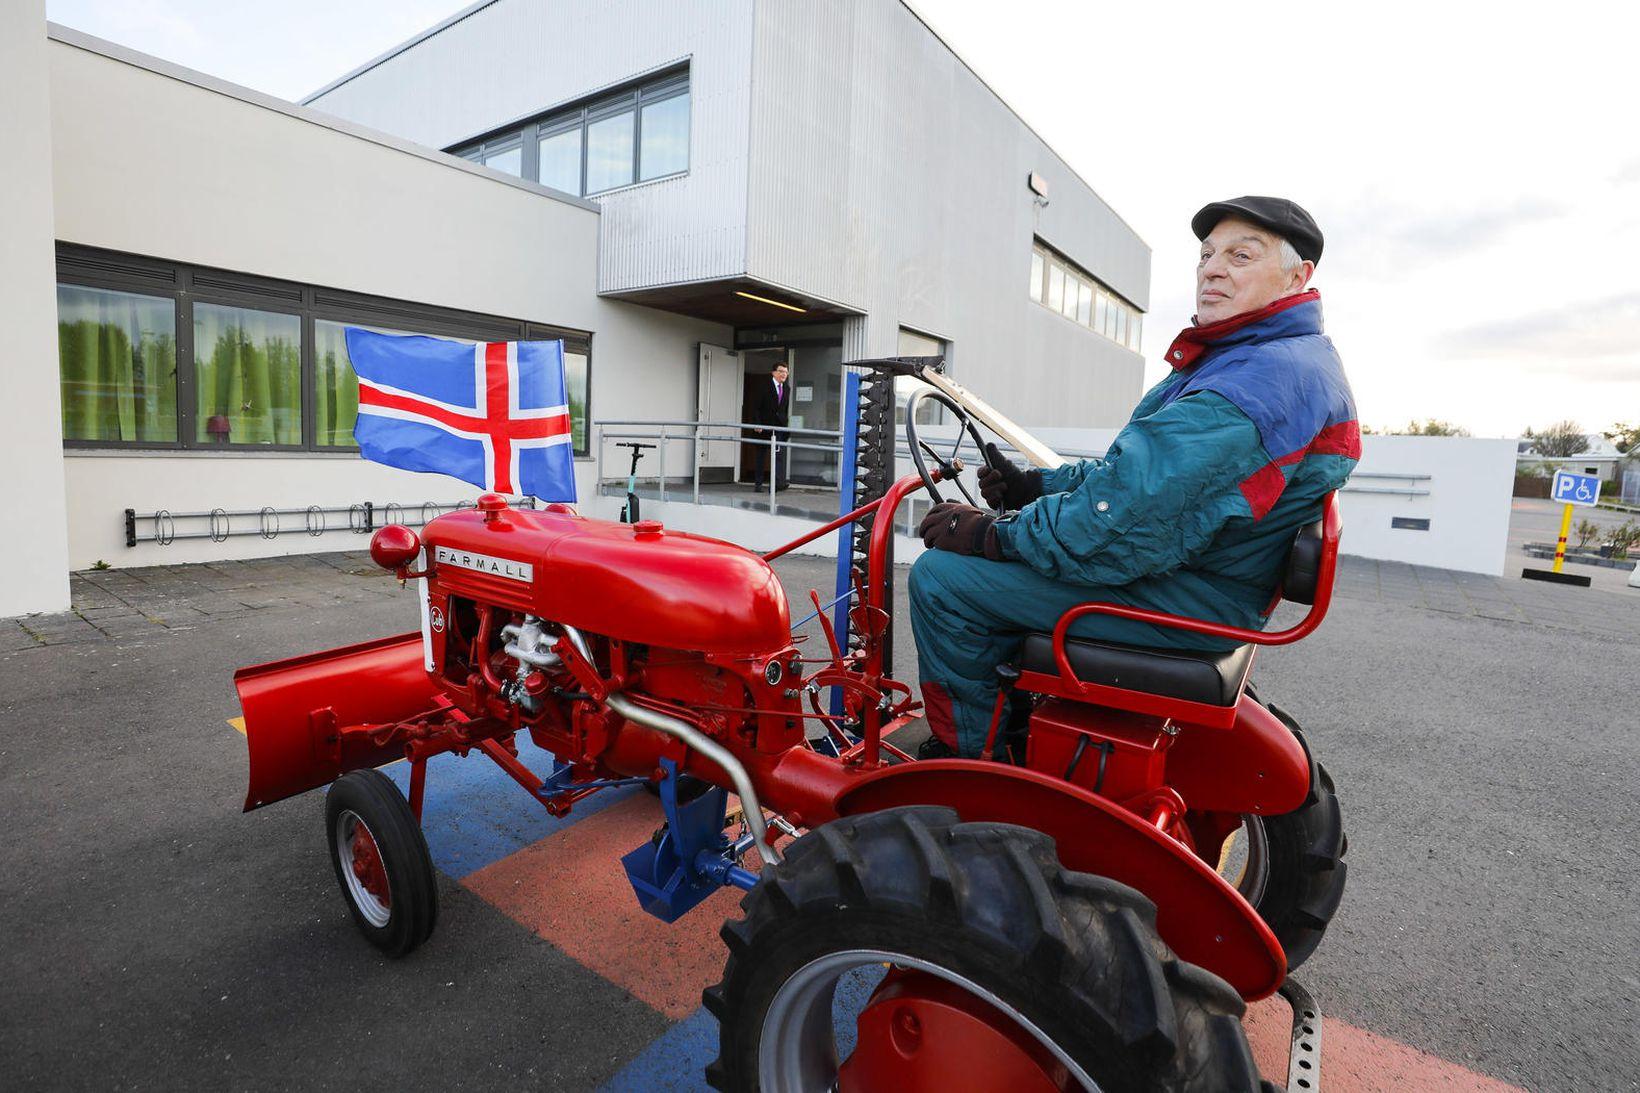 Sigurjón Einarsson mætti á traktor á kjörstað í dag.